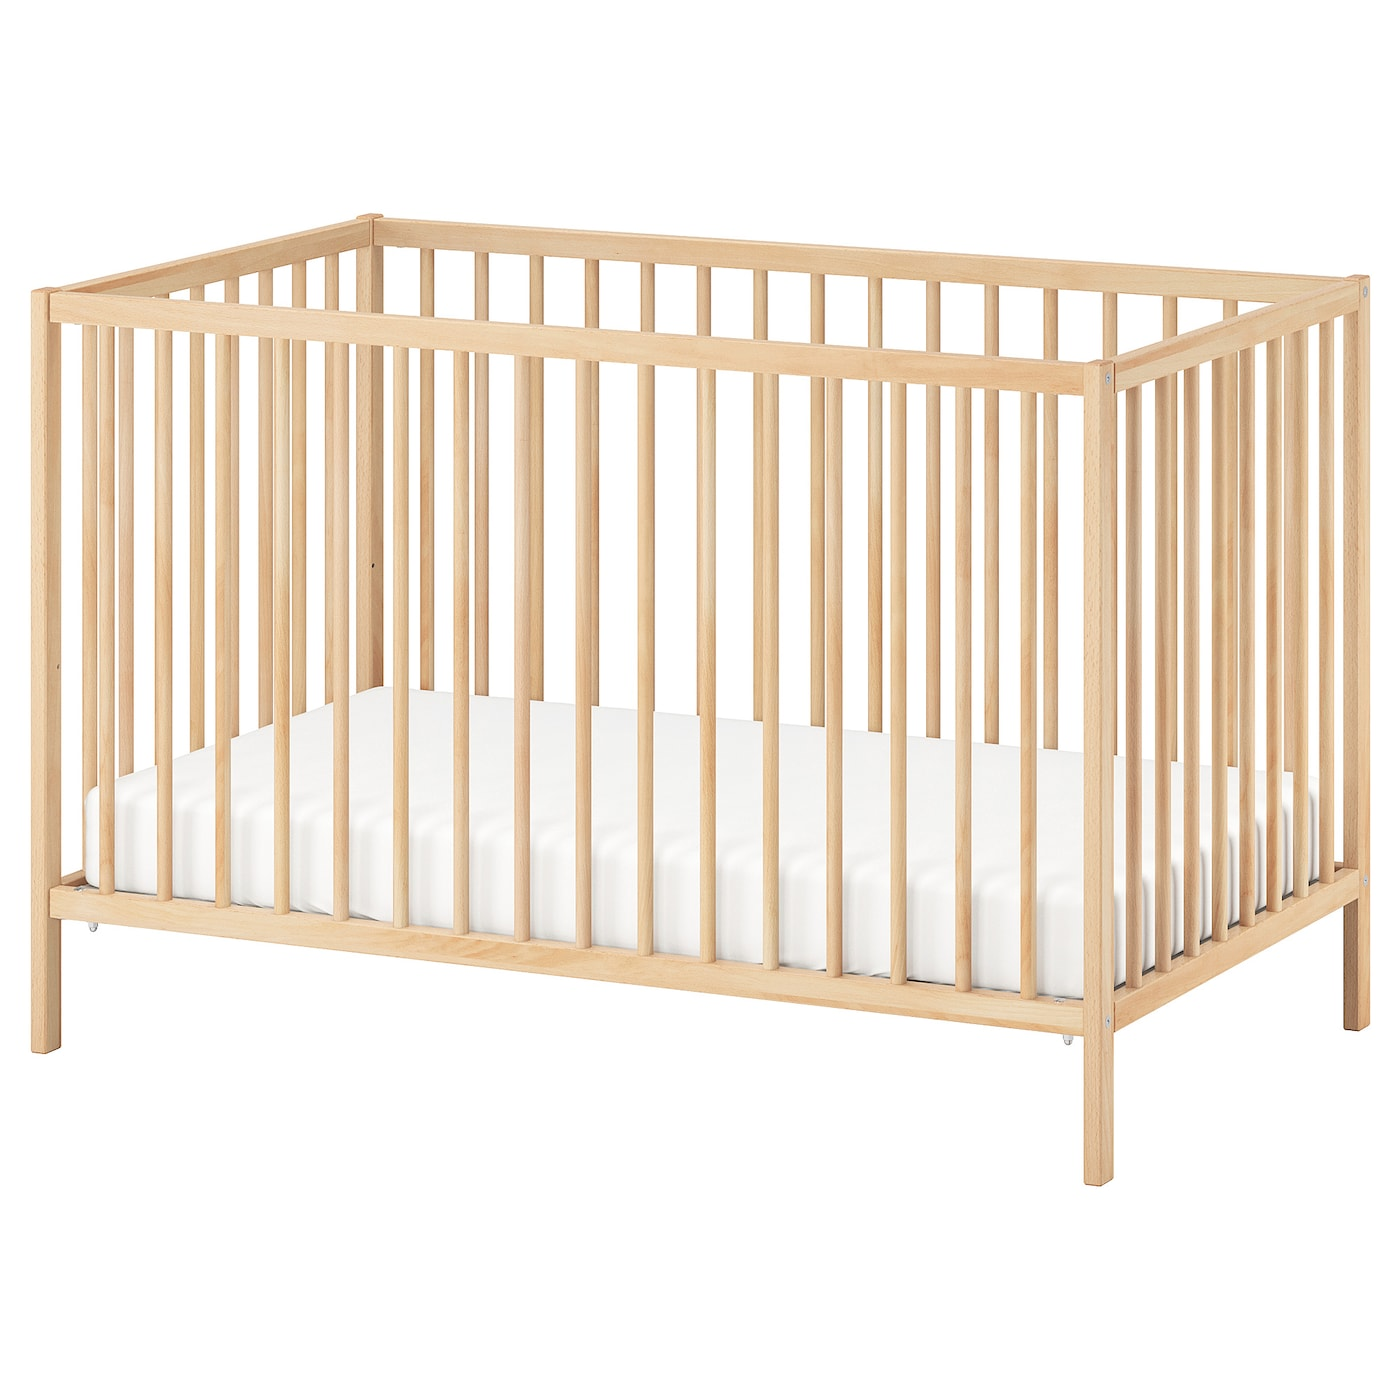 Cunas muebles para beb compra online ikea for Muebles bebe online